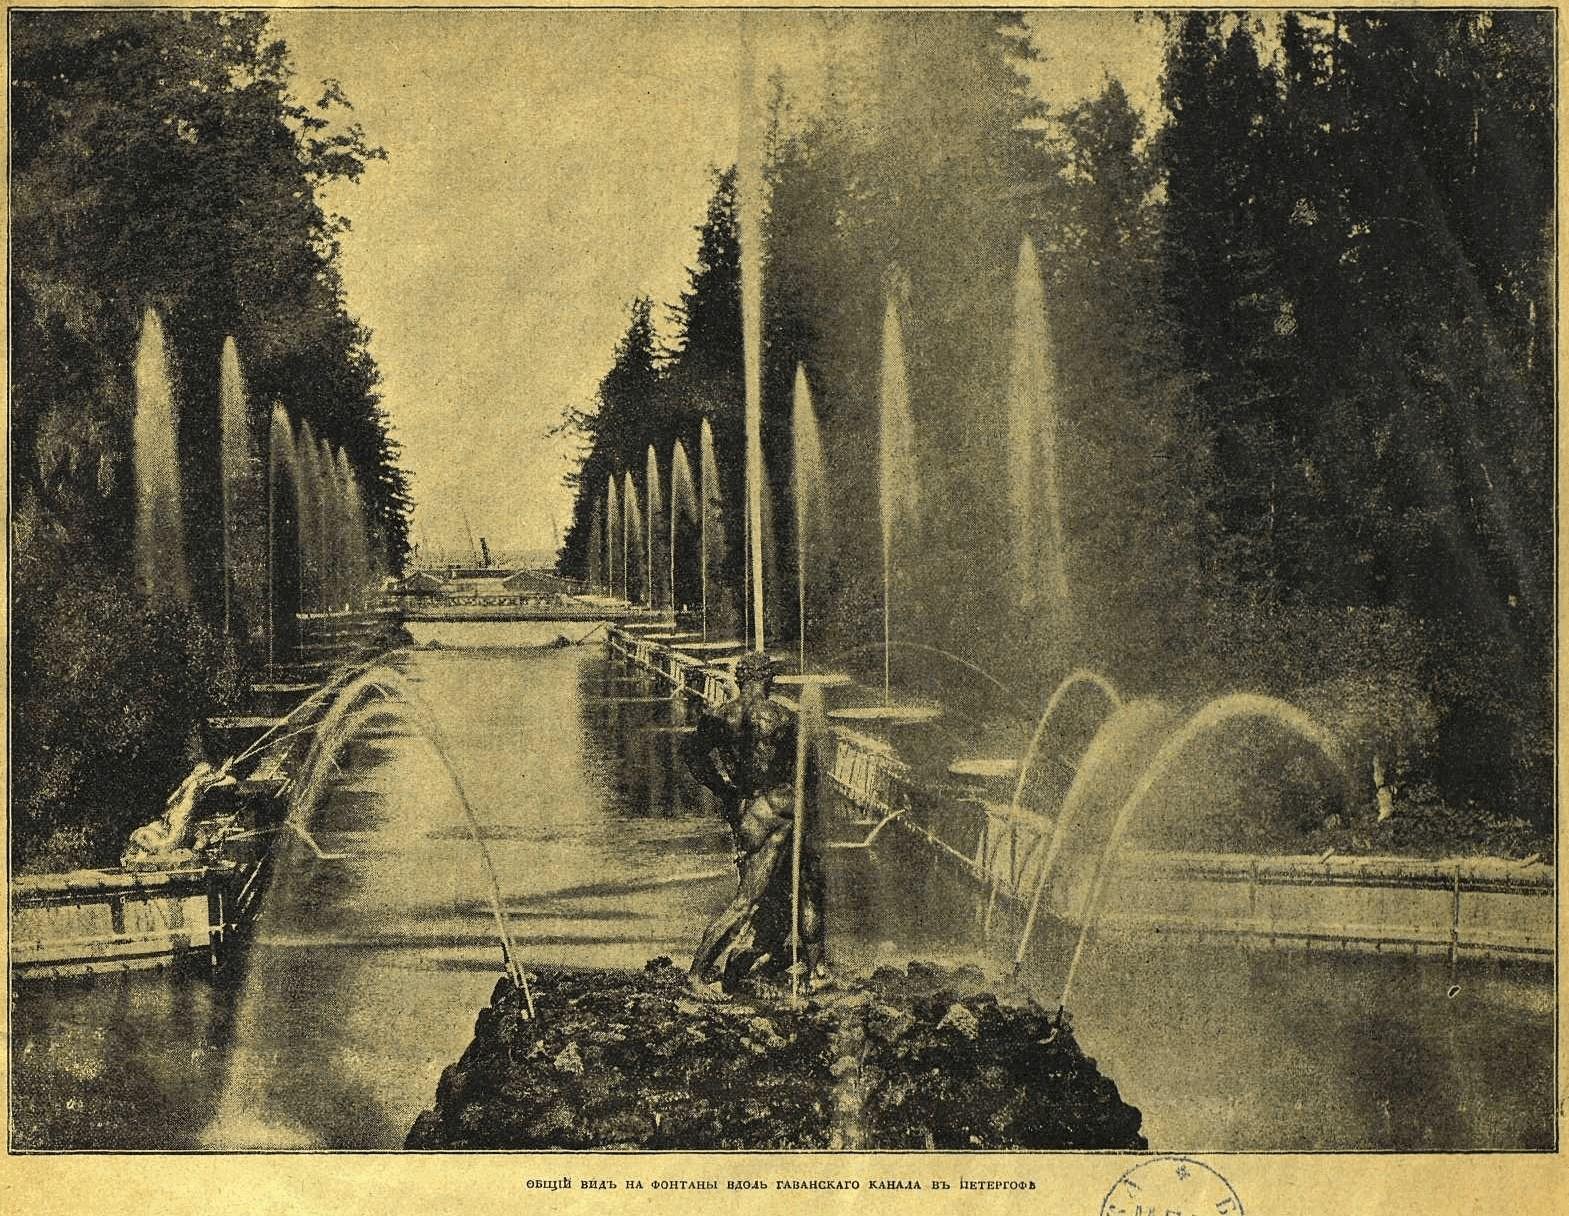 Общий вид на фонтаны вдоль Гаванского канала